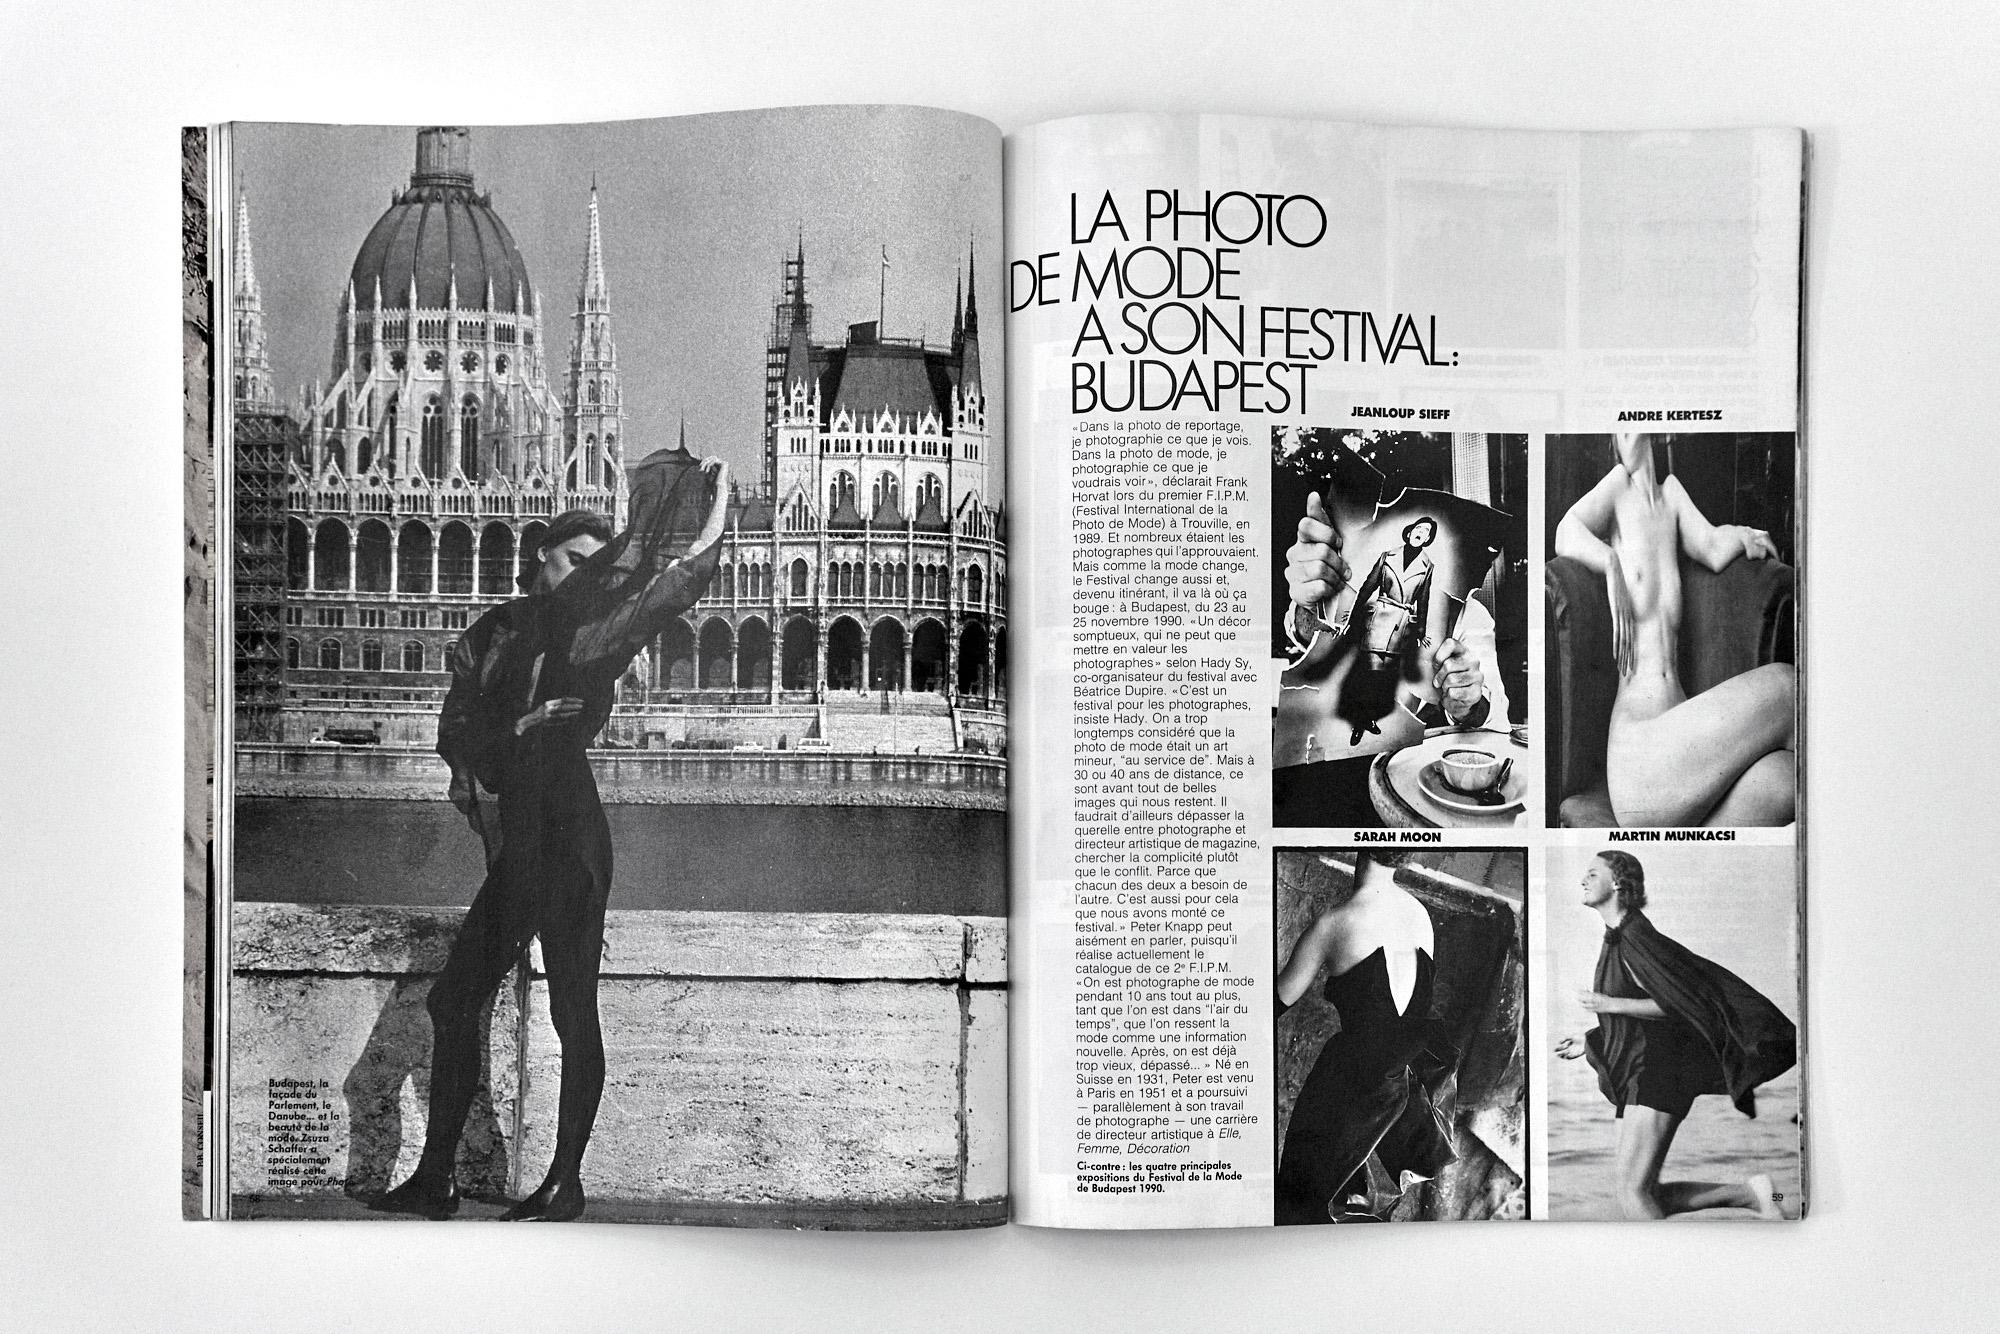 Fotó: A II. Nemzetközi Divatfotófesztiválról szóló cikk a Photo magazin 1990/277. számában